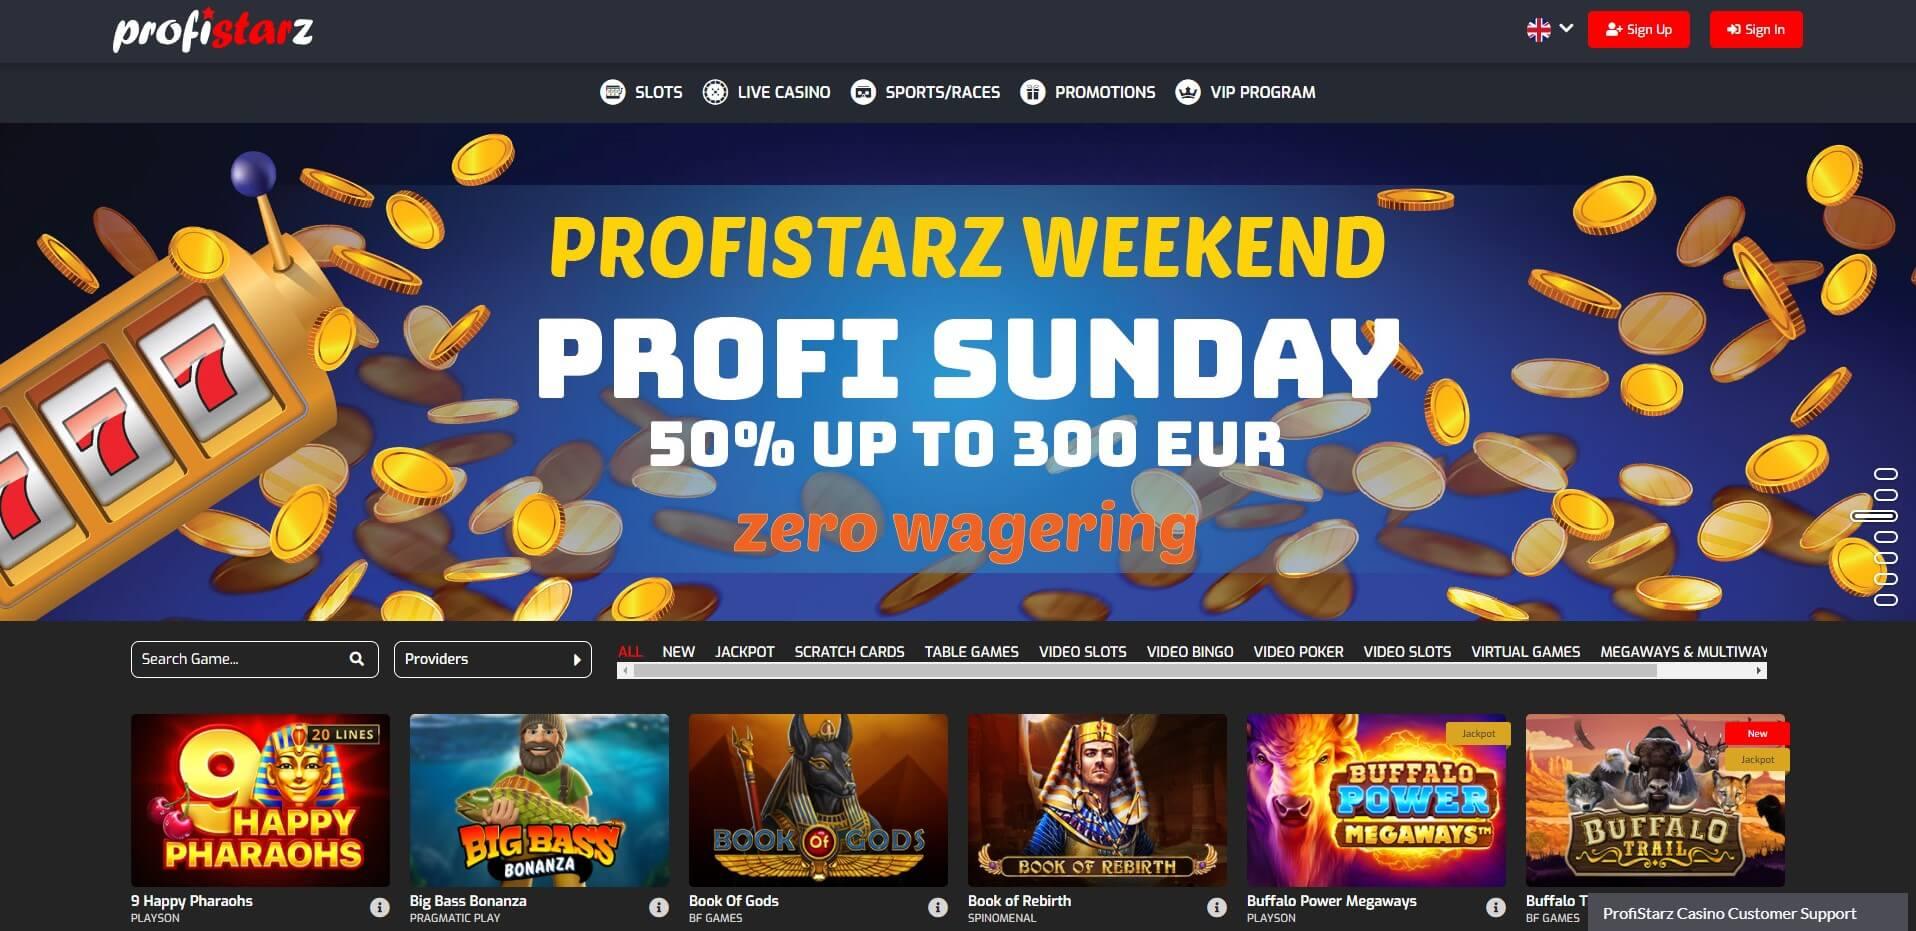 Profistarz.com - website Review